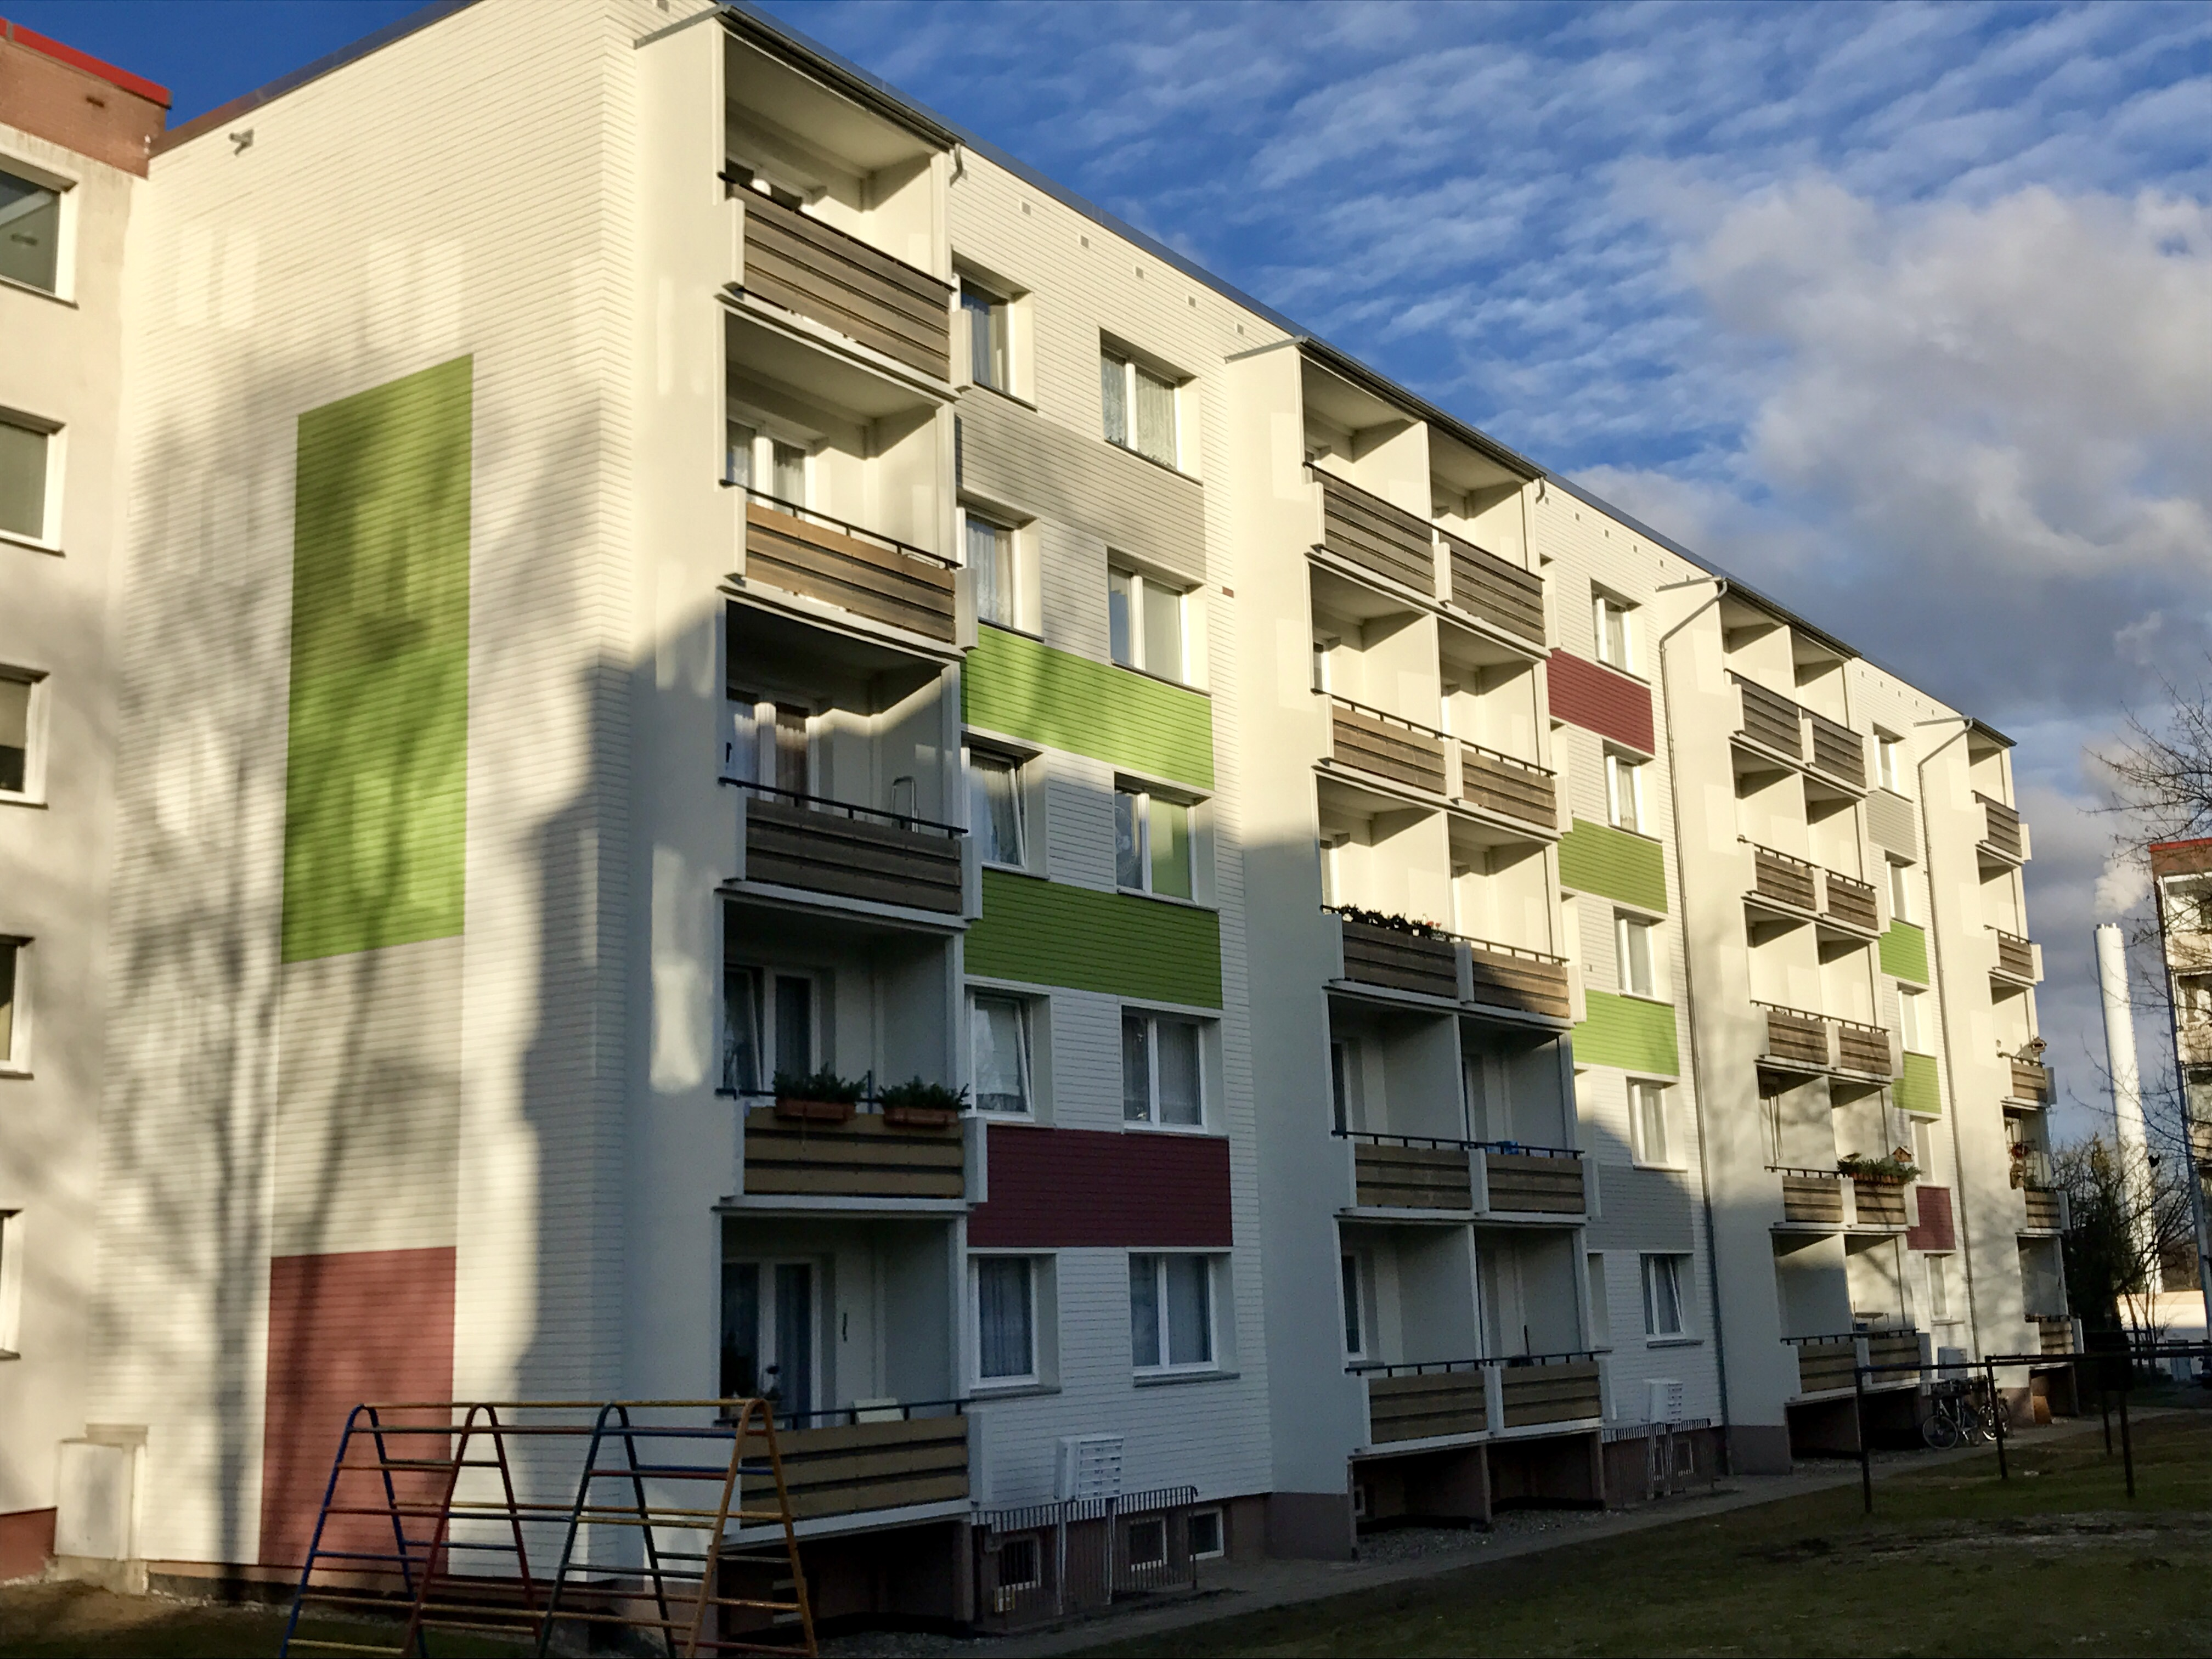 Fassade_hochhaus